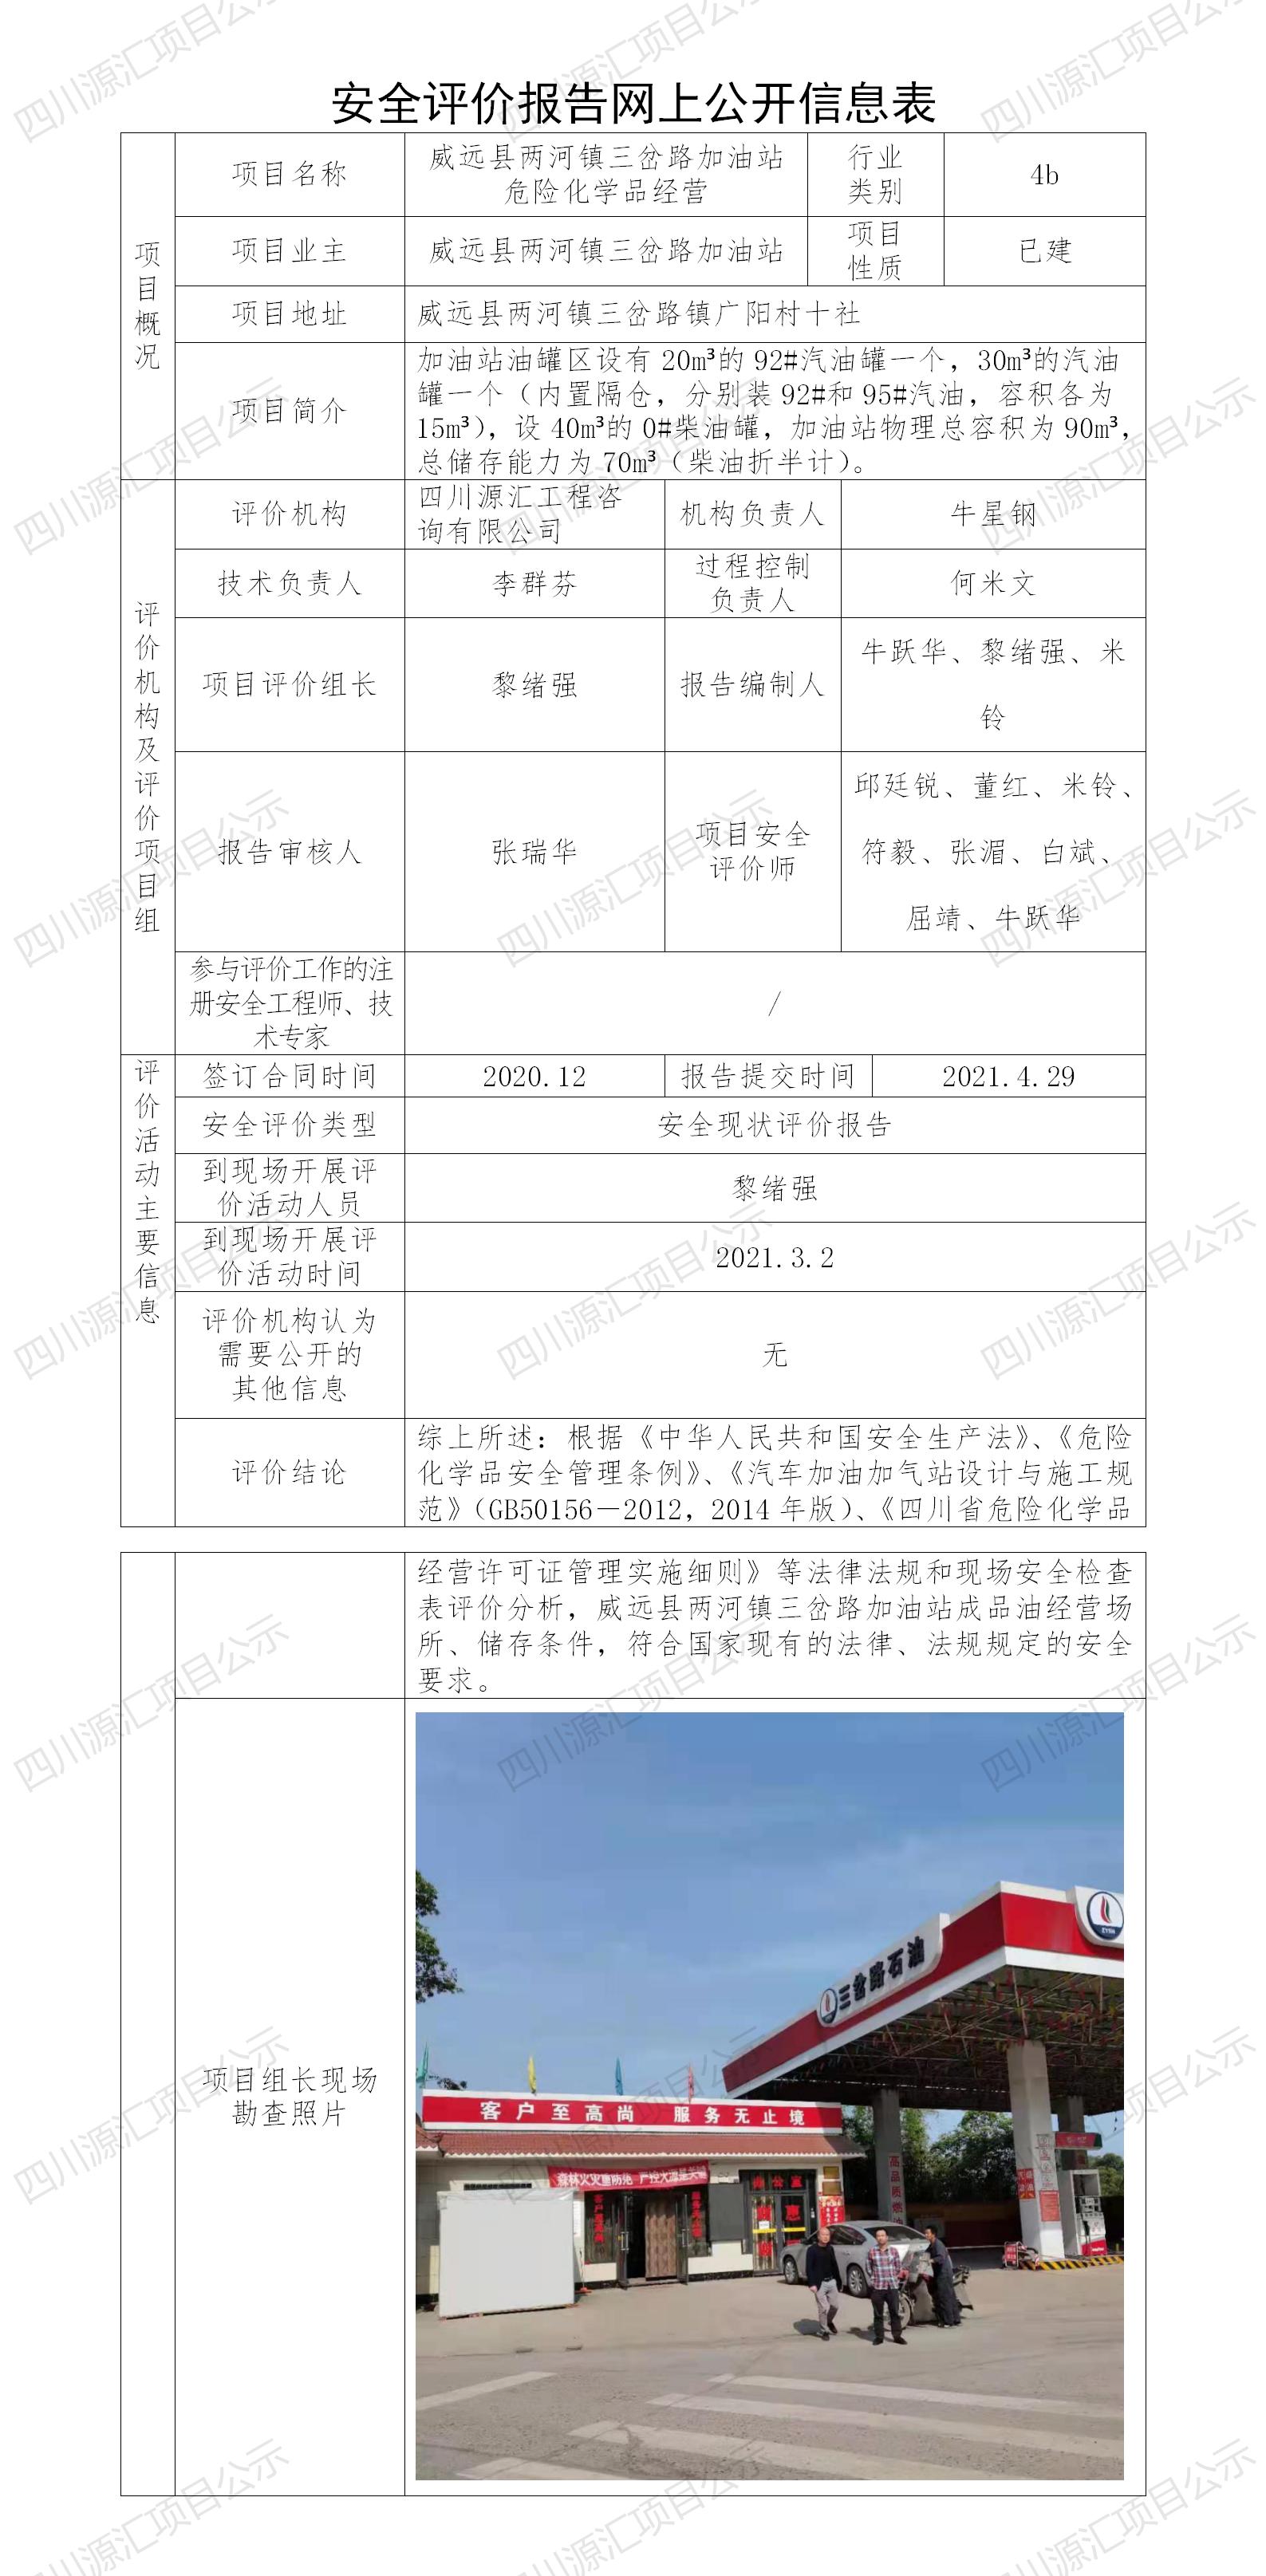 威远县两河镇三岔路加油站危险化学品经营 .png